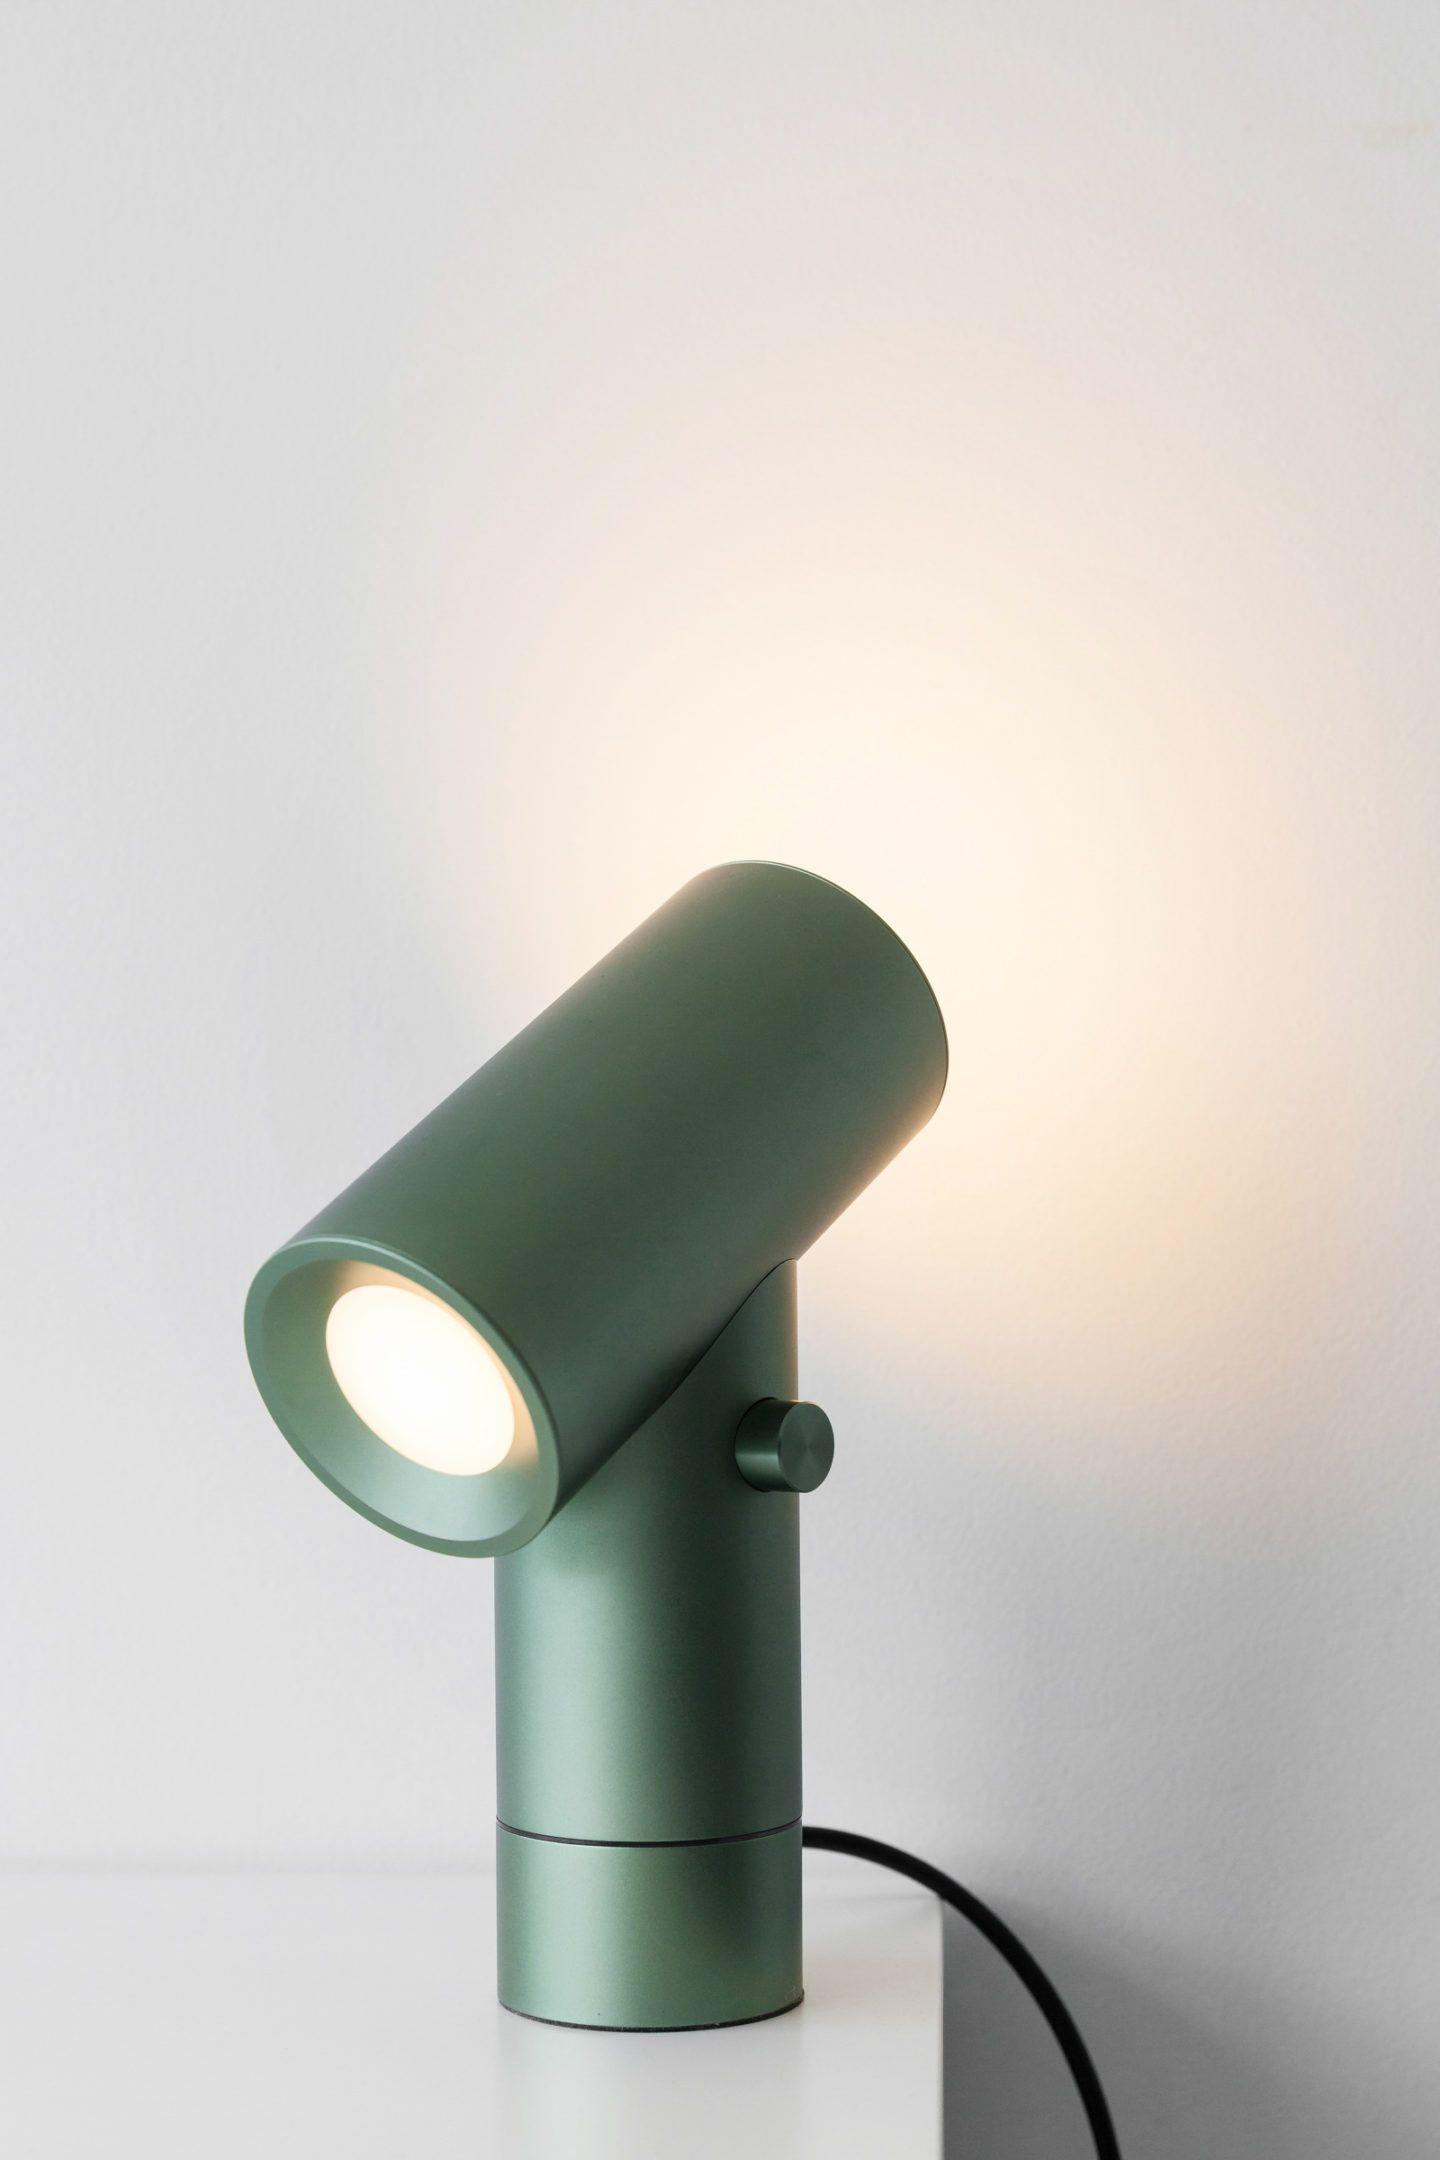 IGNANT-Design-Muuto-Tom-Chung-Beam-Lamp-005